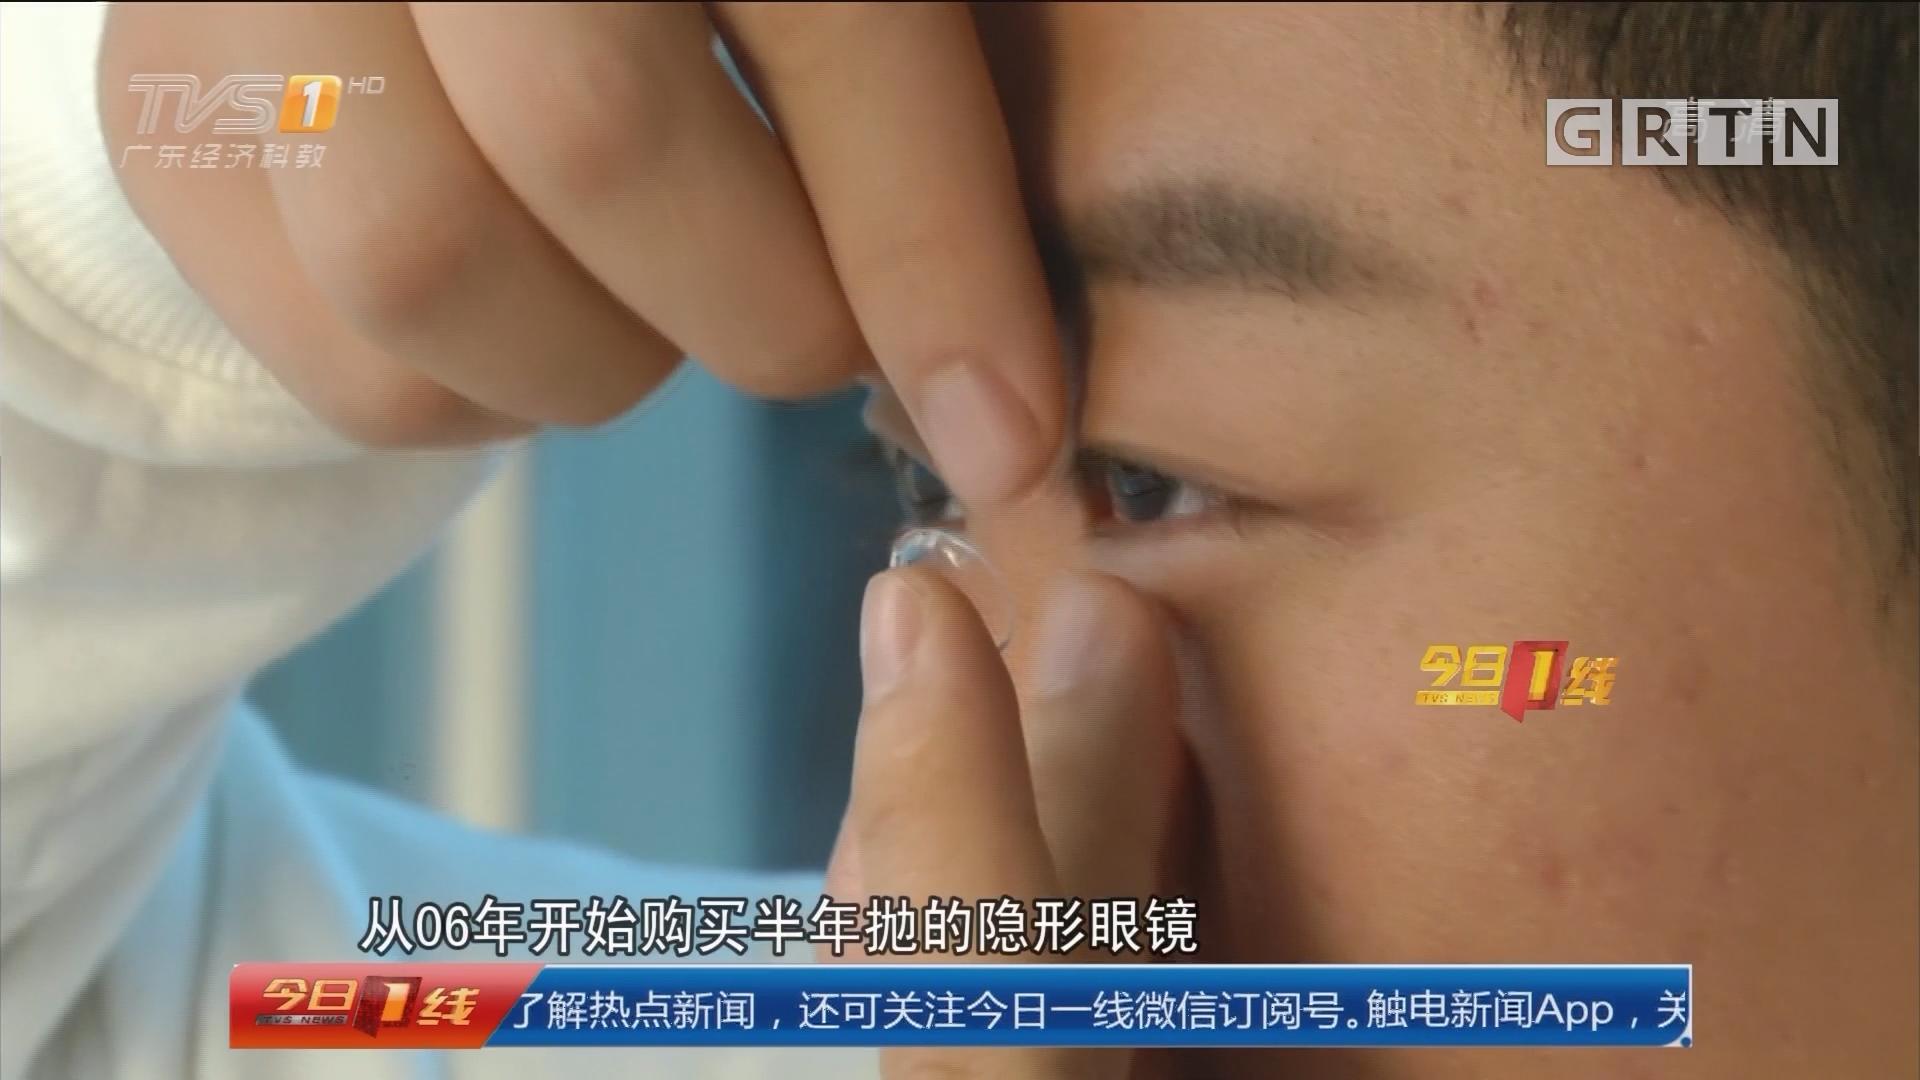 东莞:戴隐形眼镜半年不取 男子险失明